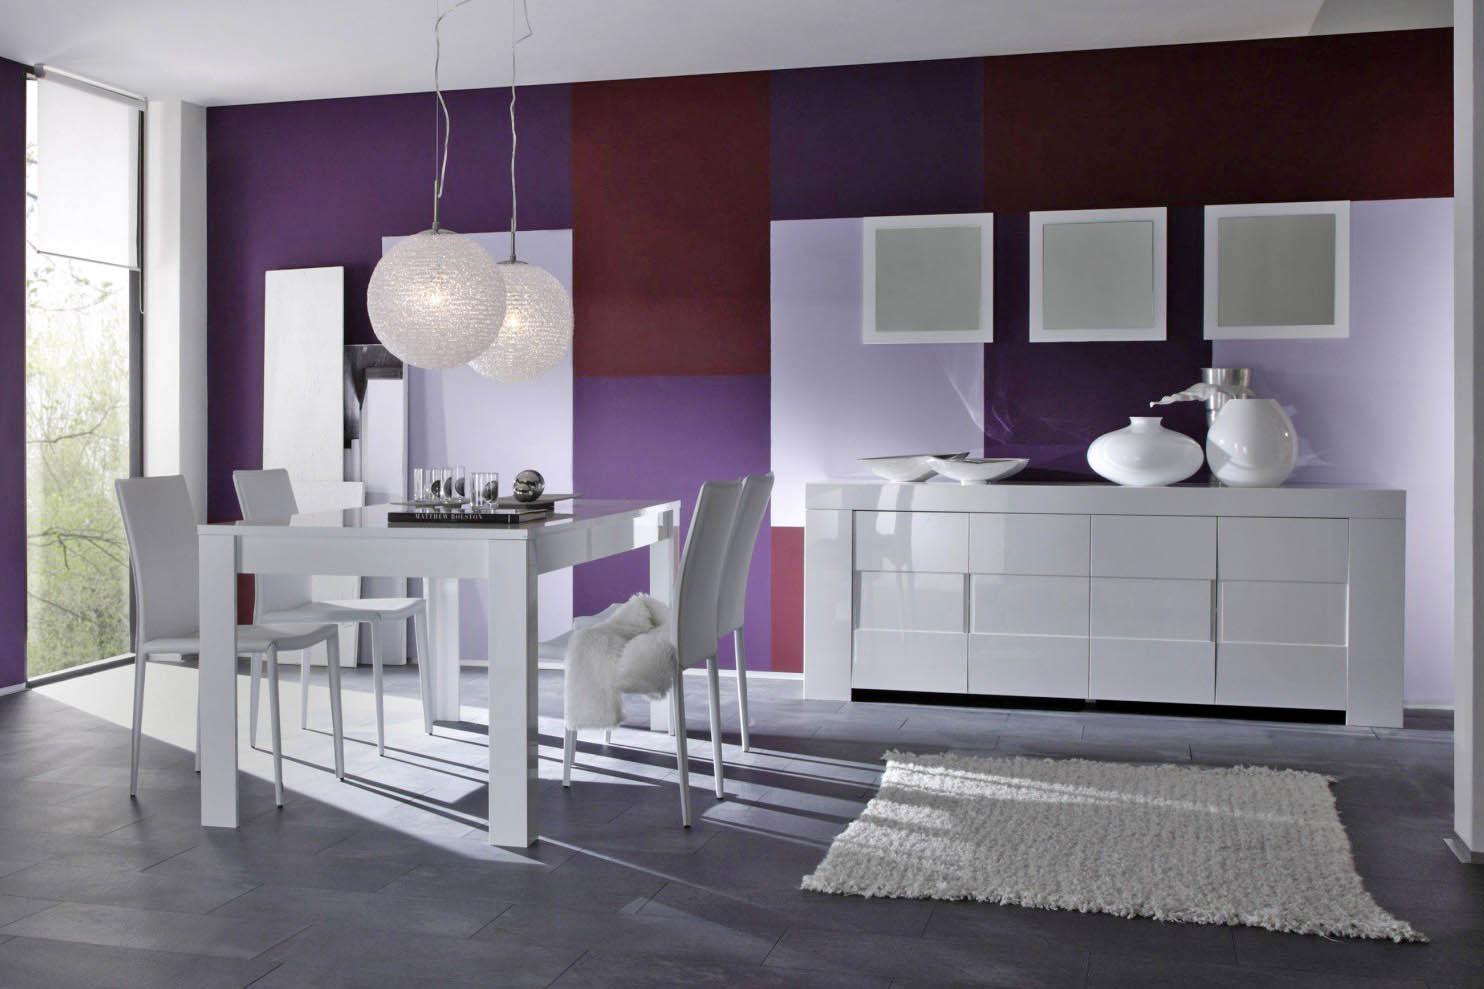 Salle manger meubl et design blanc meuble et for Meuble de salle a manger design